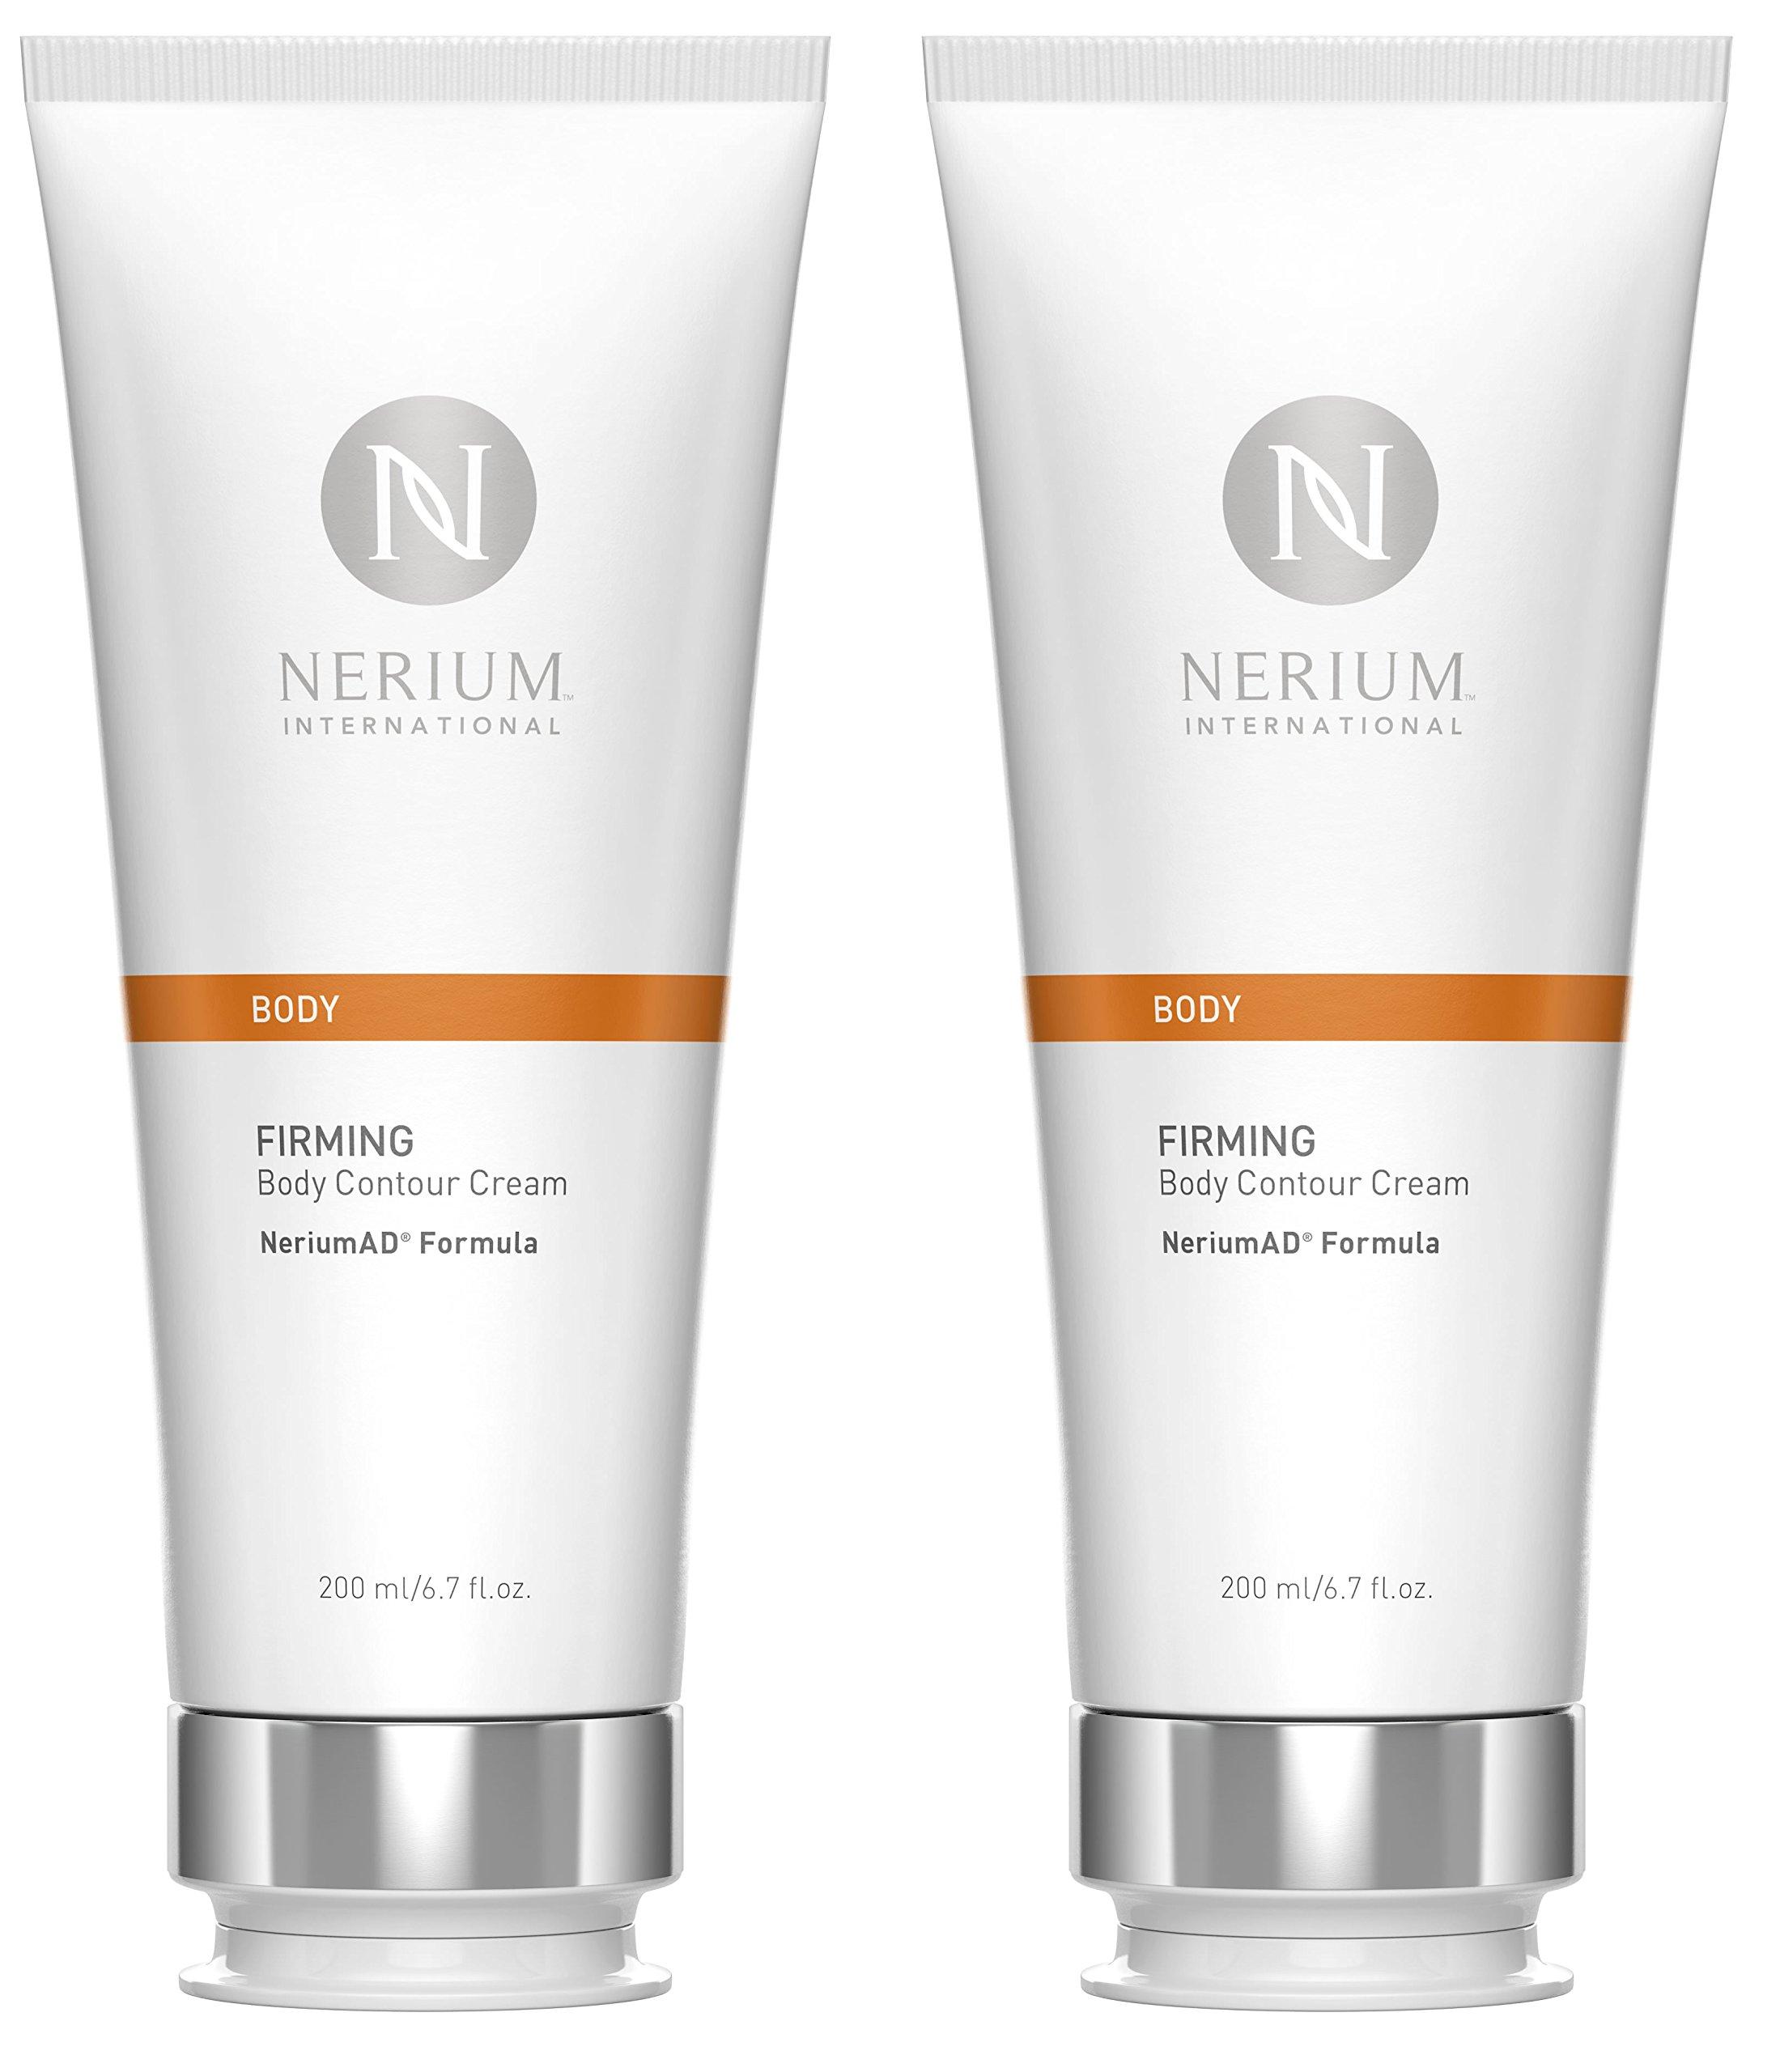 Nerium Firming Body Contour Cream (2 Pack)